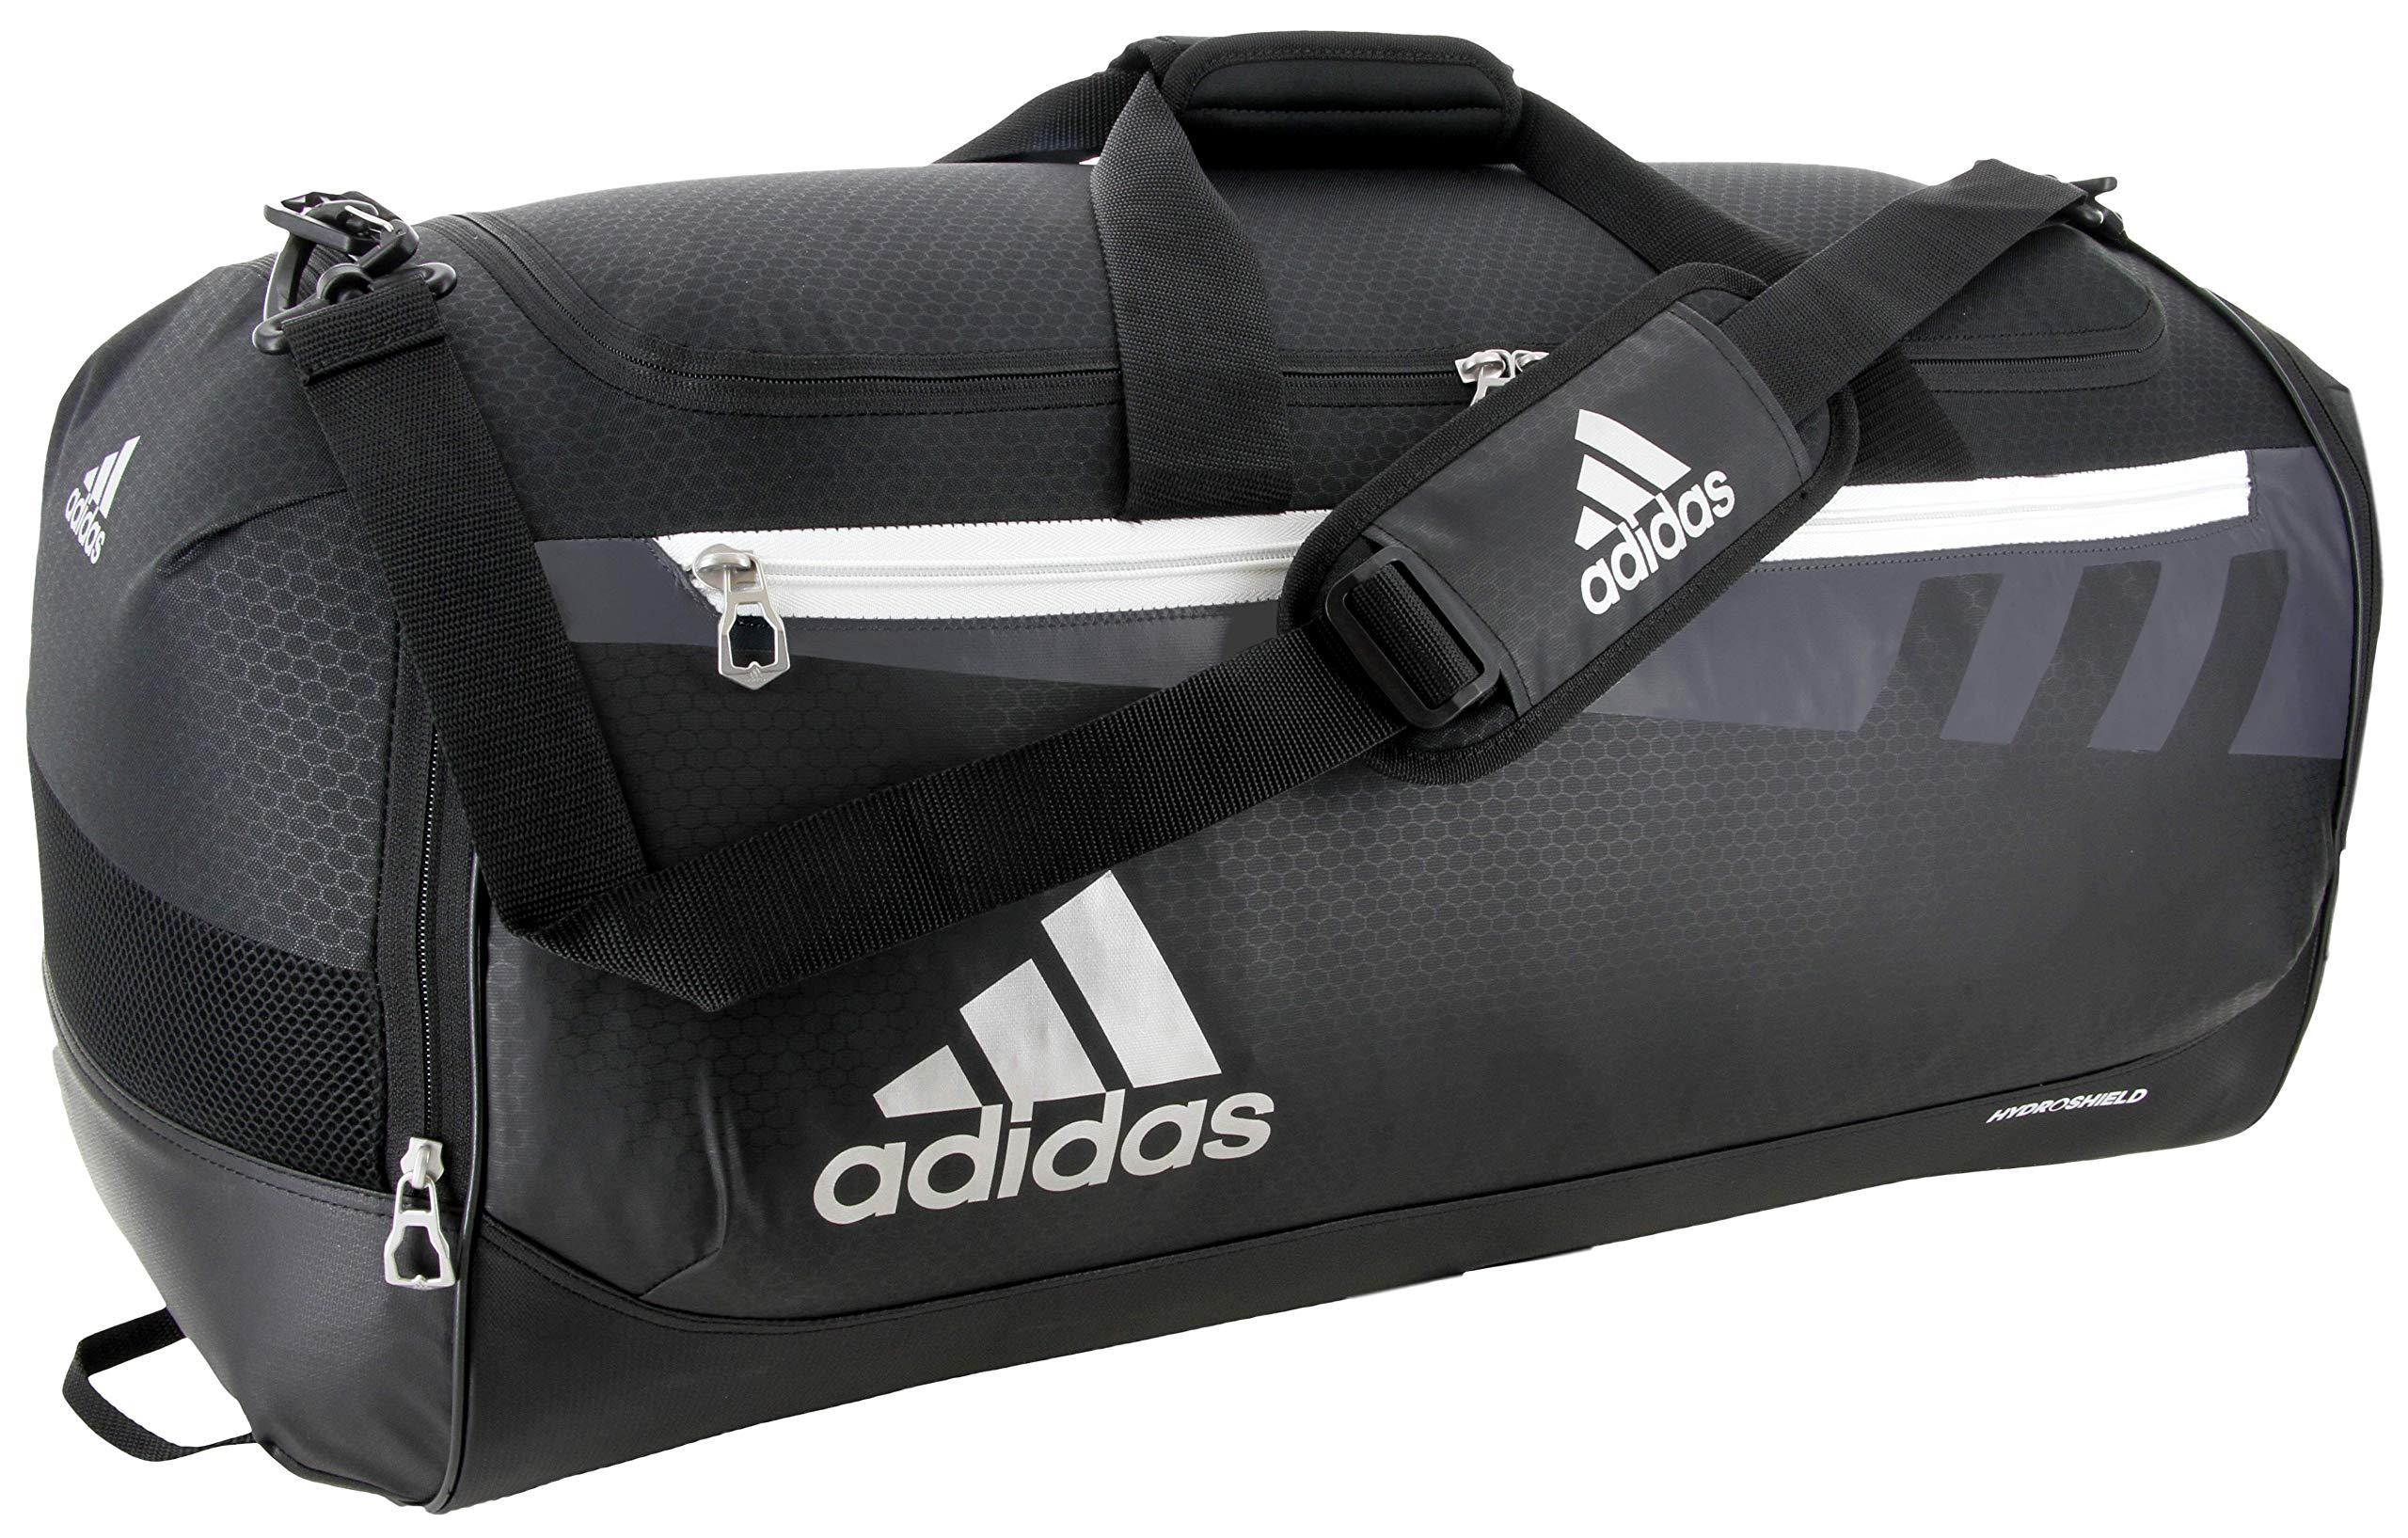 adidas Unisex Team Issue Medium Duffel Bag, Black, ONE SIZE by adidas